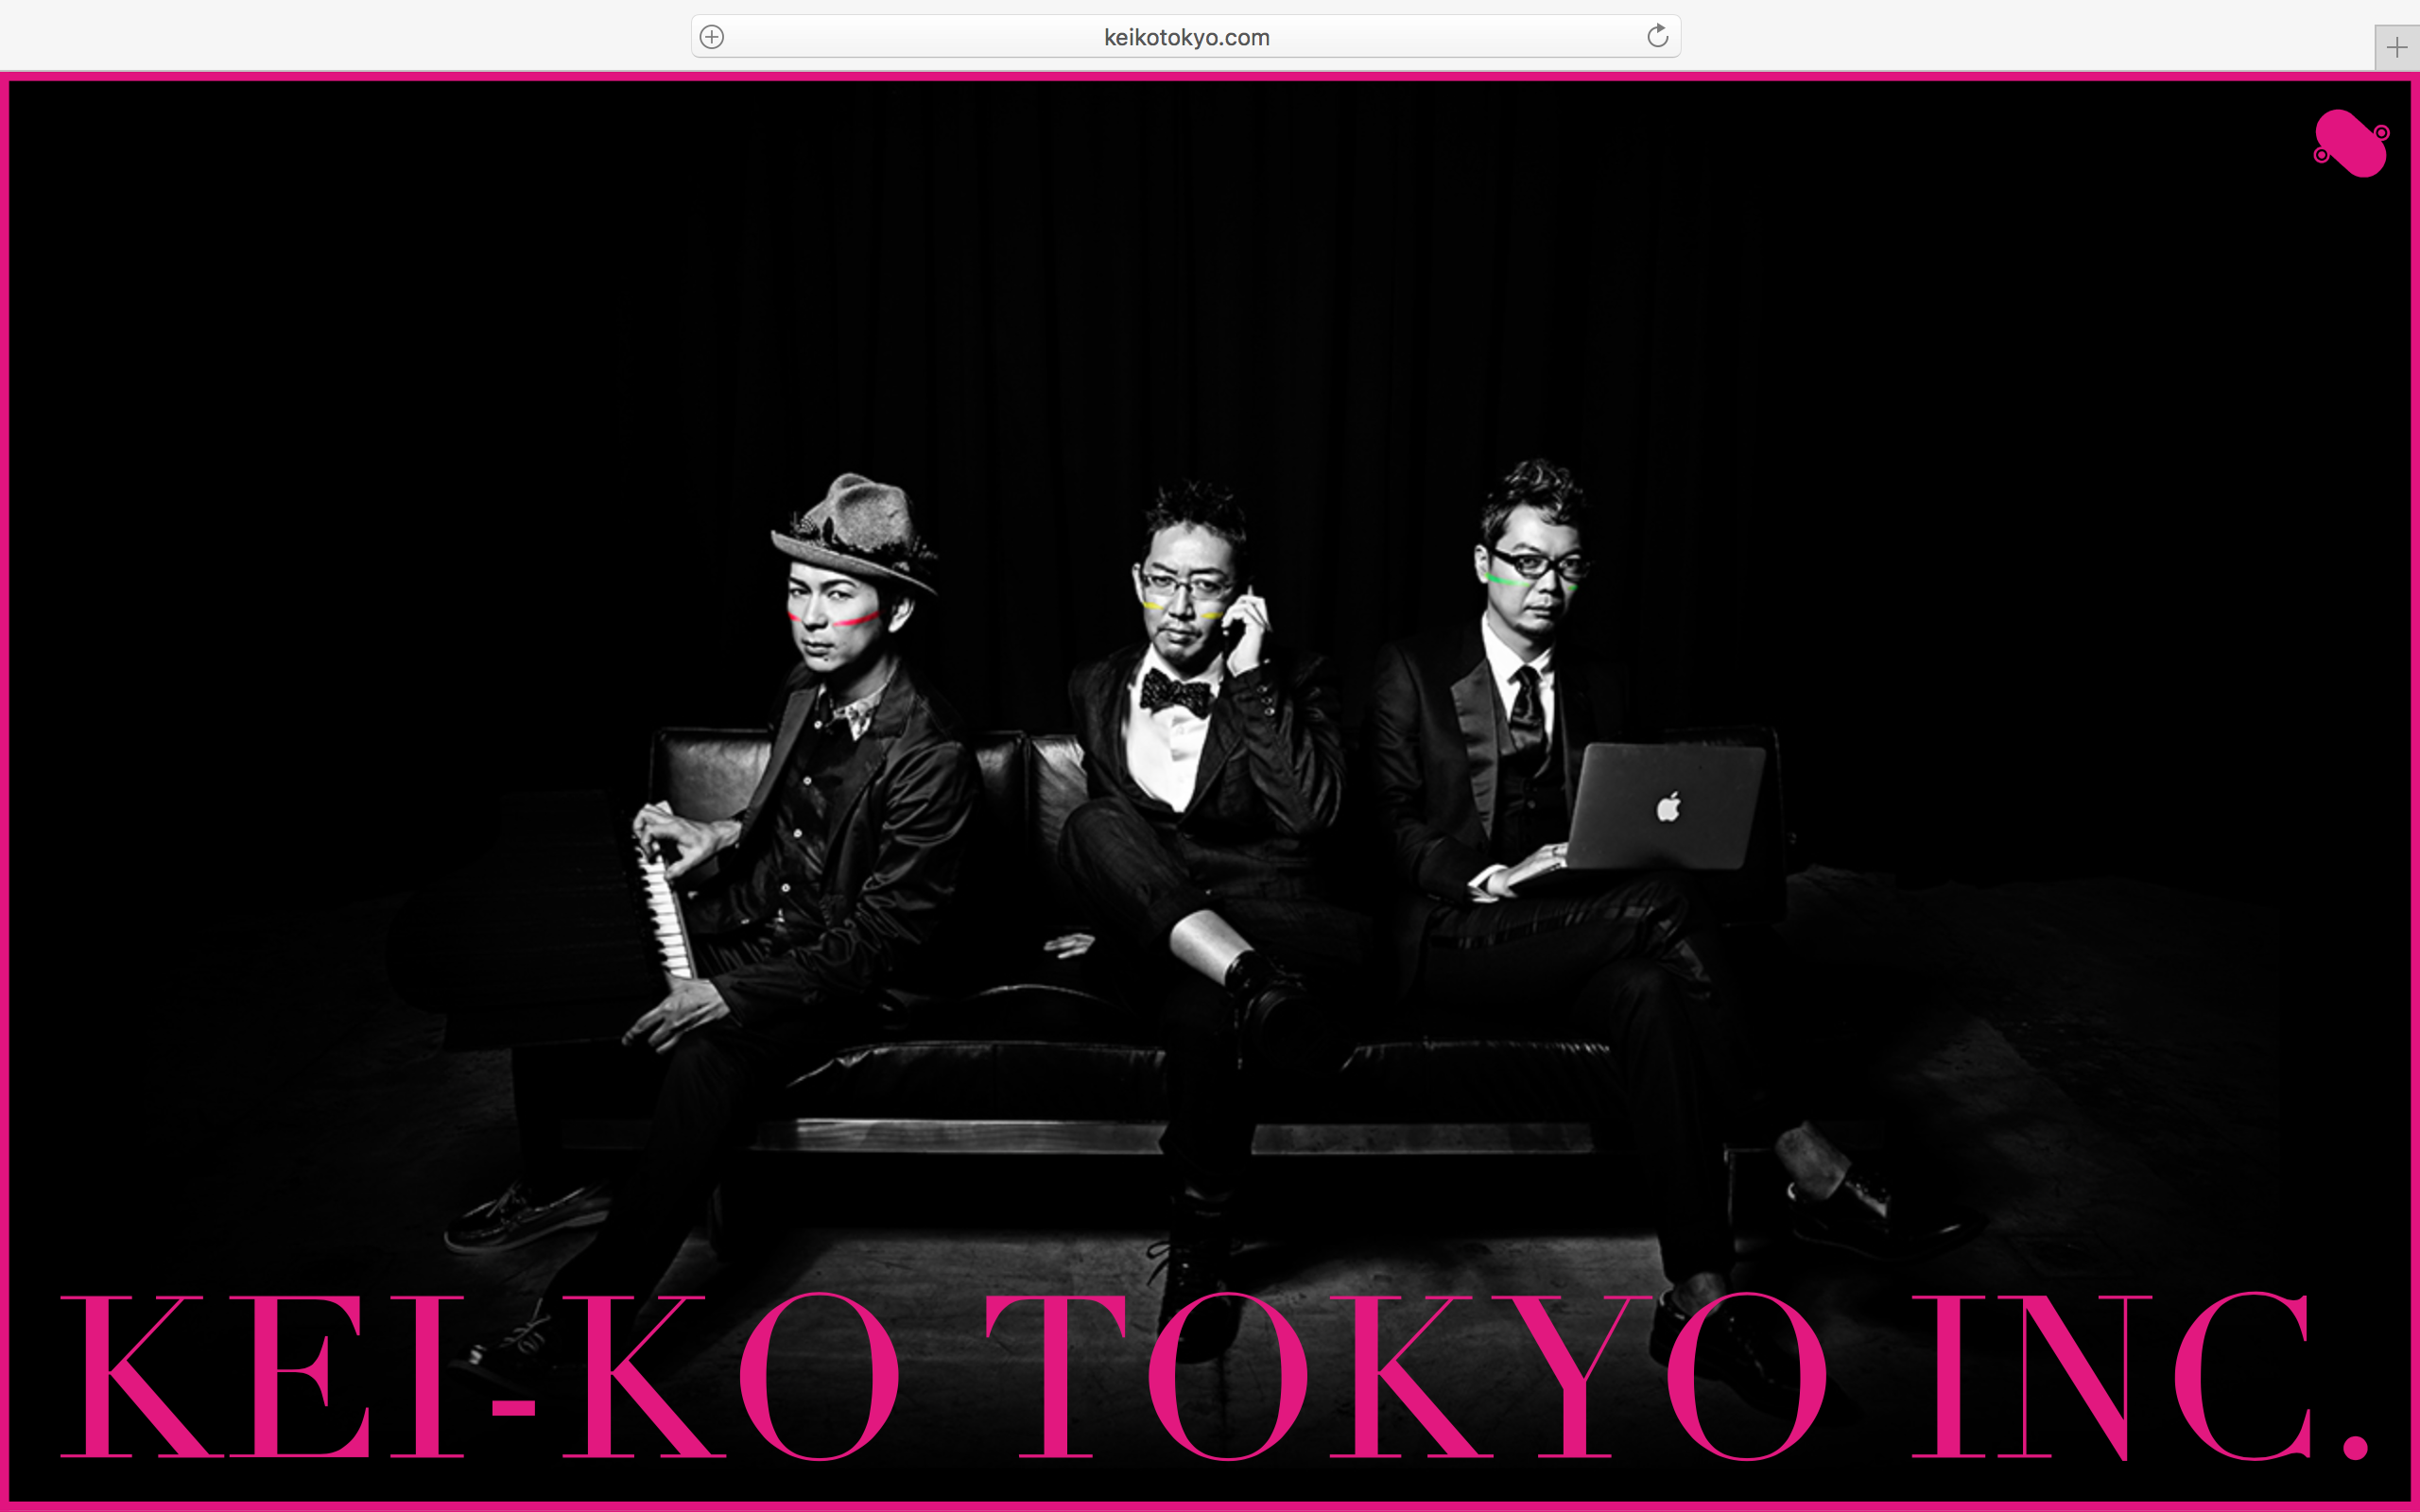 黒・ピンク - Black & Pink - 螢光TOKYO